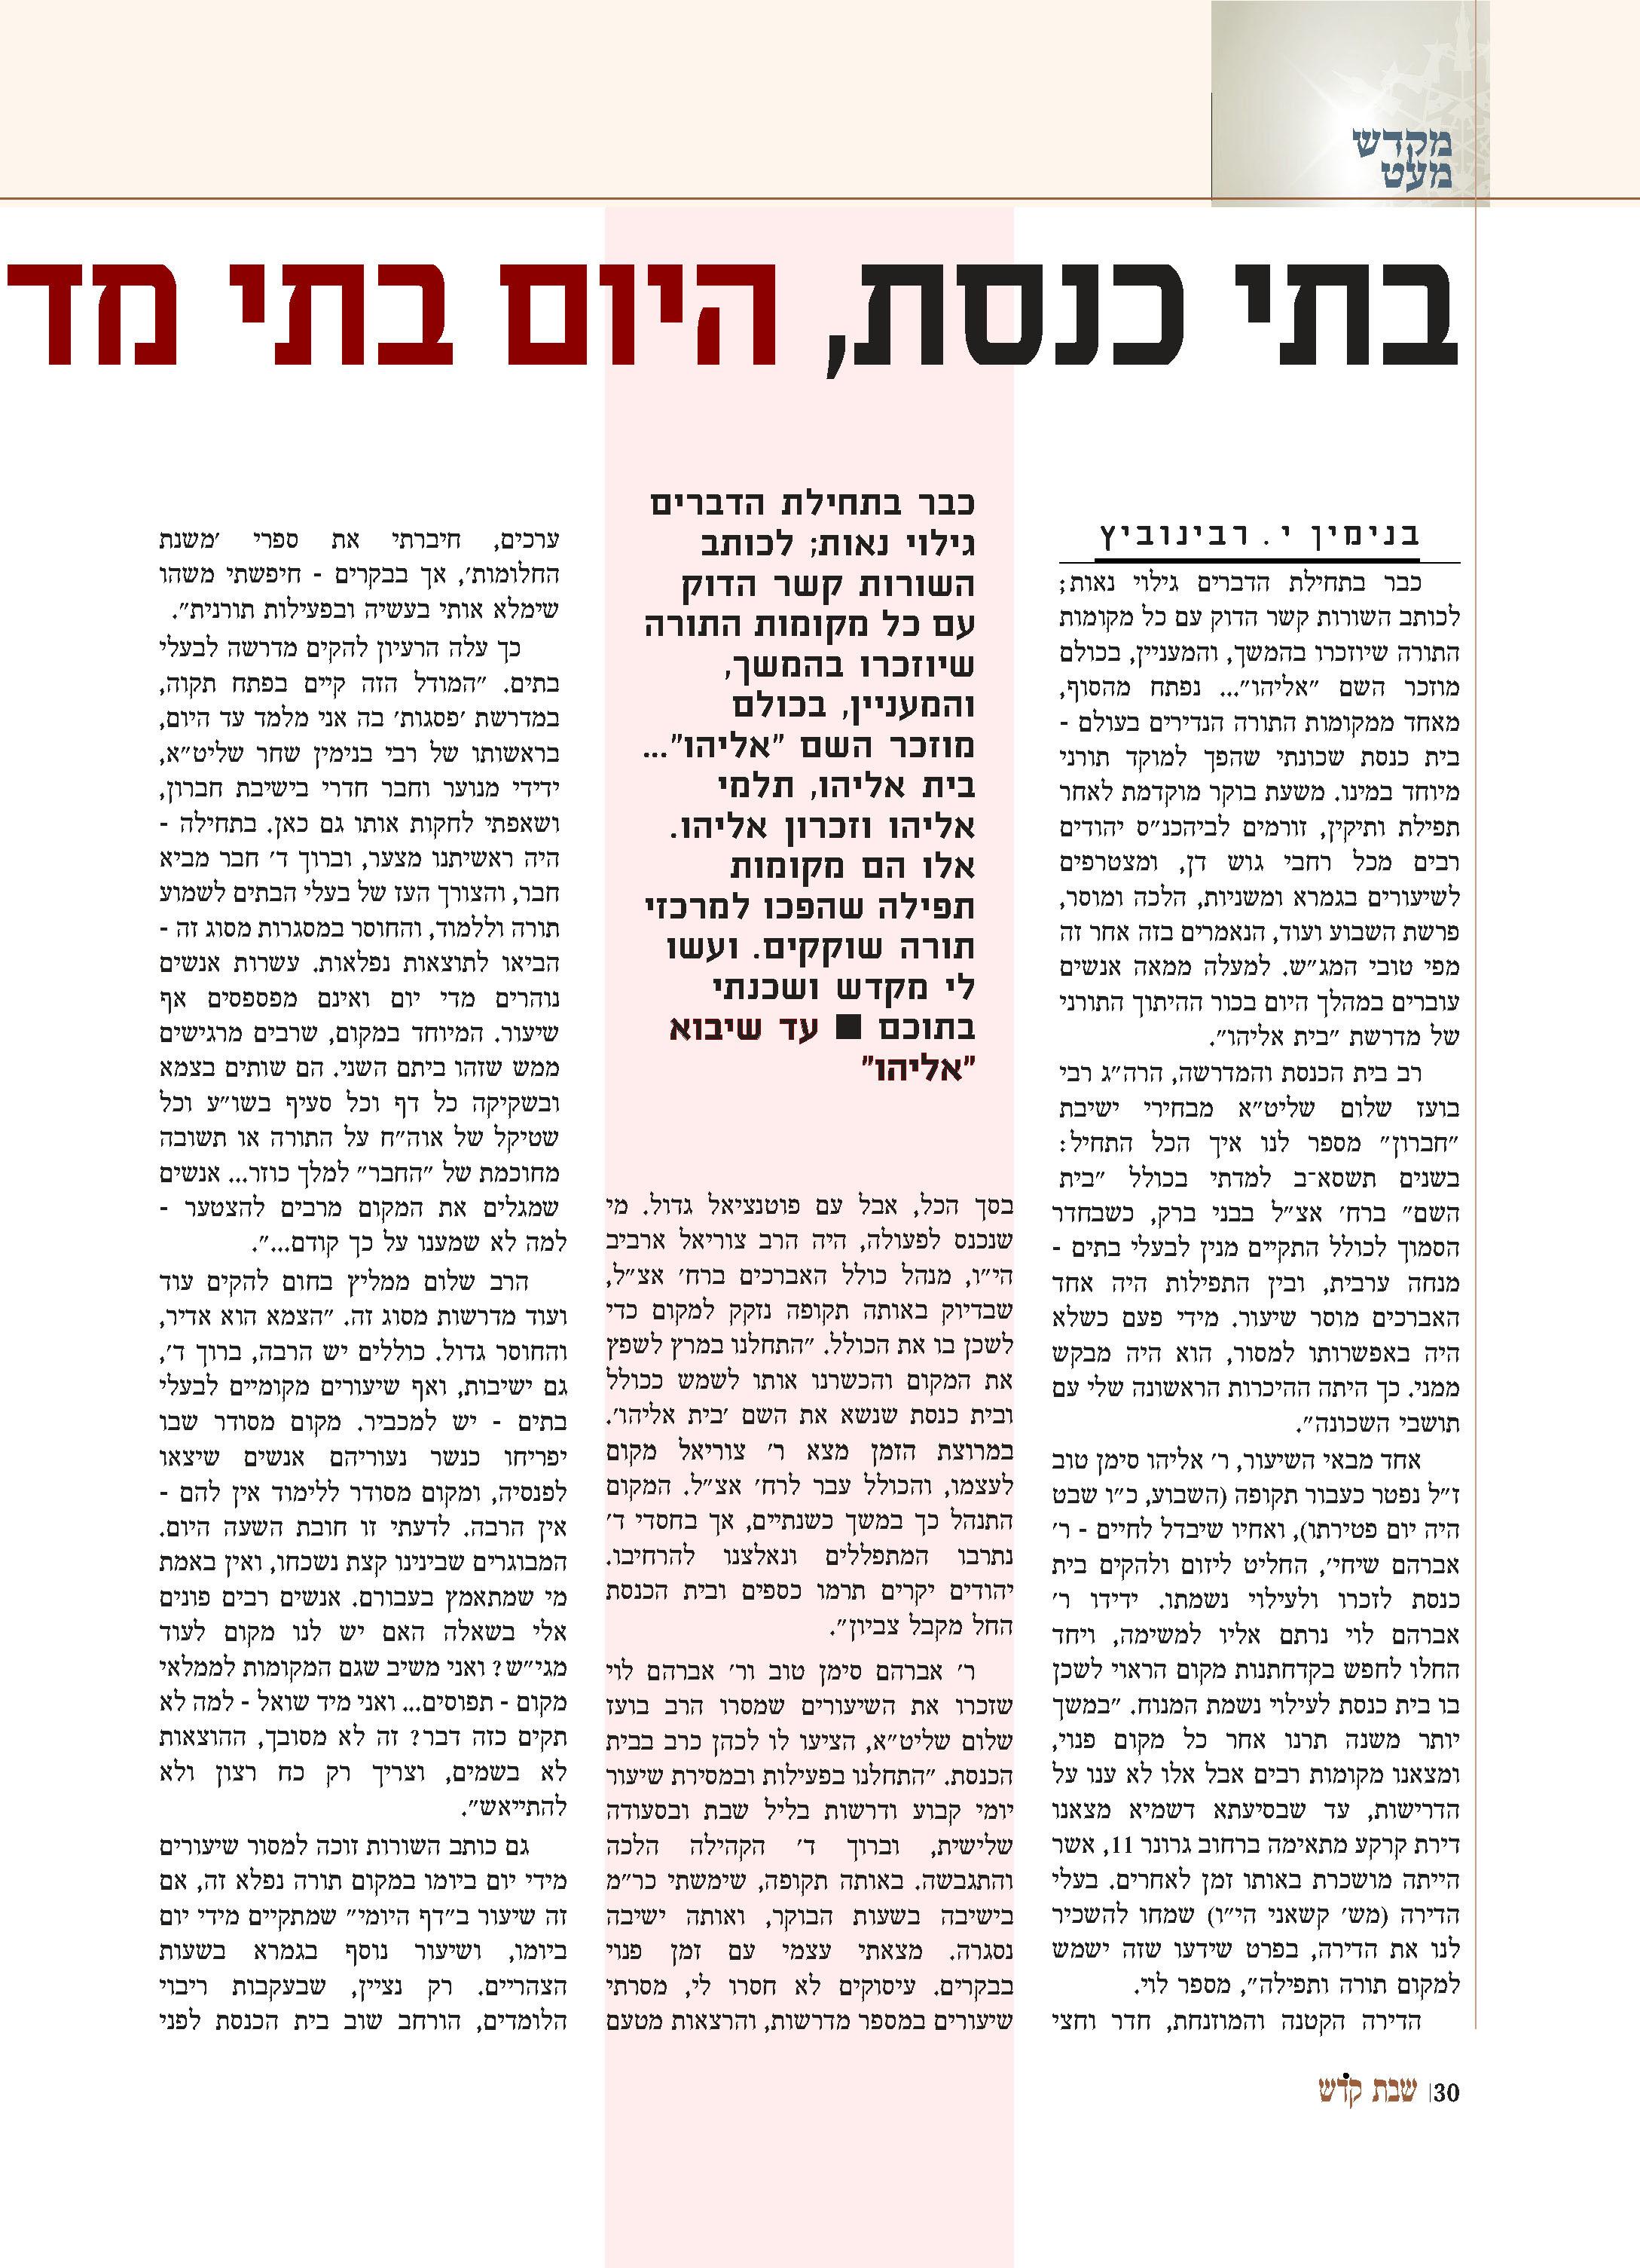 כתבה ביתד על בית אליהו שבט תשעד א